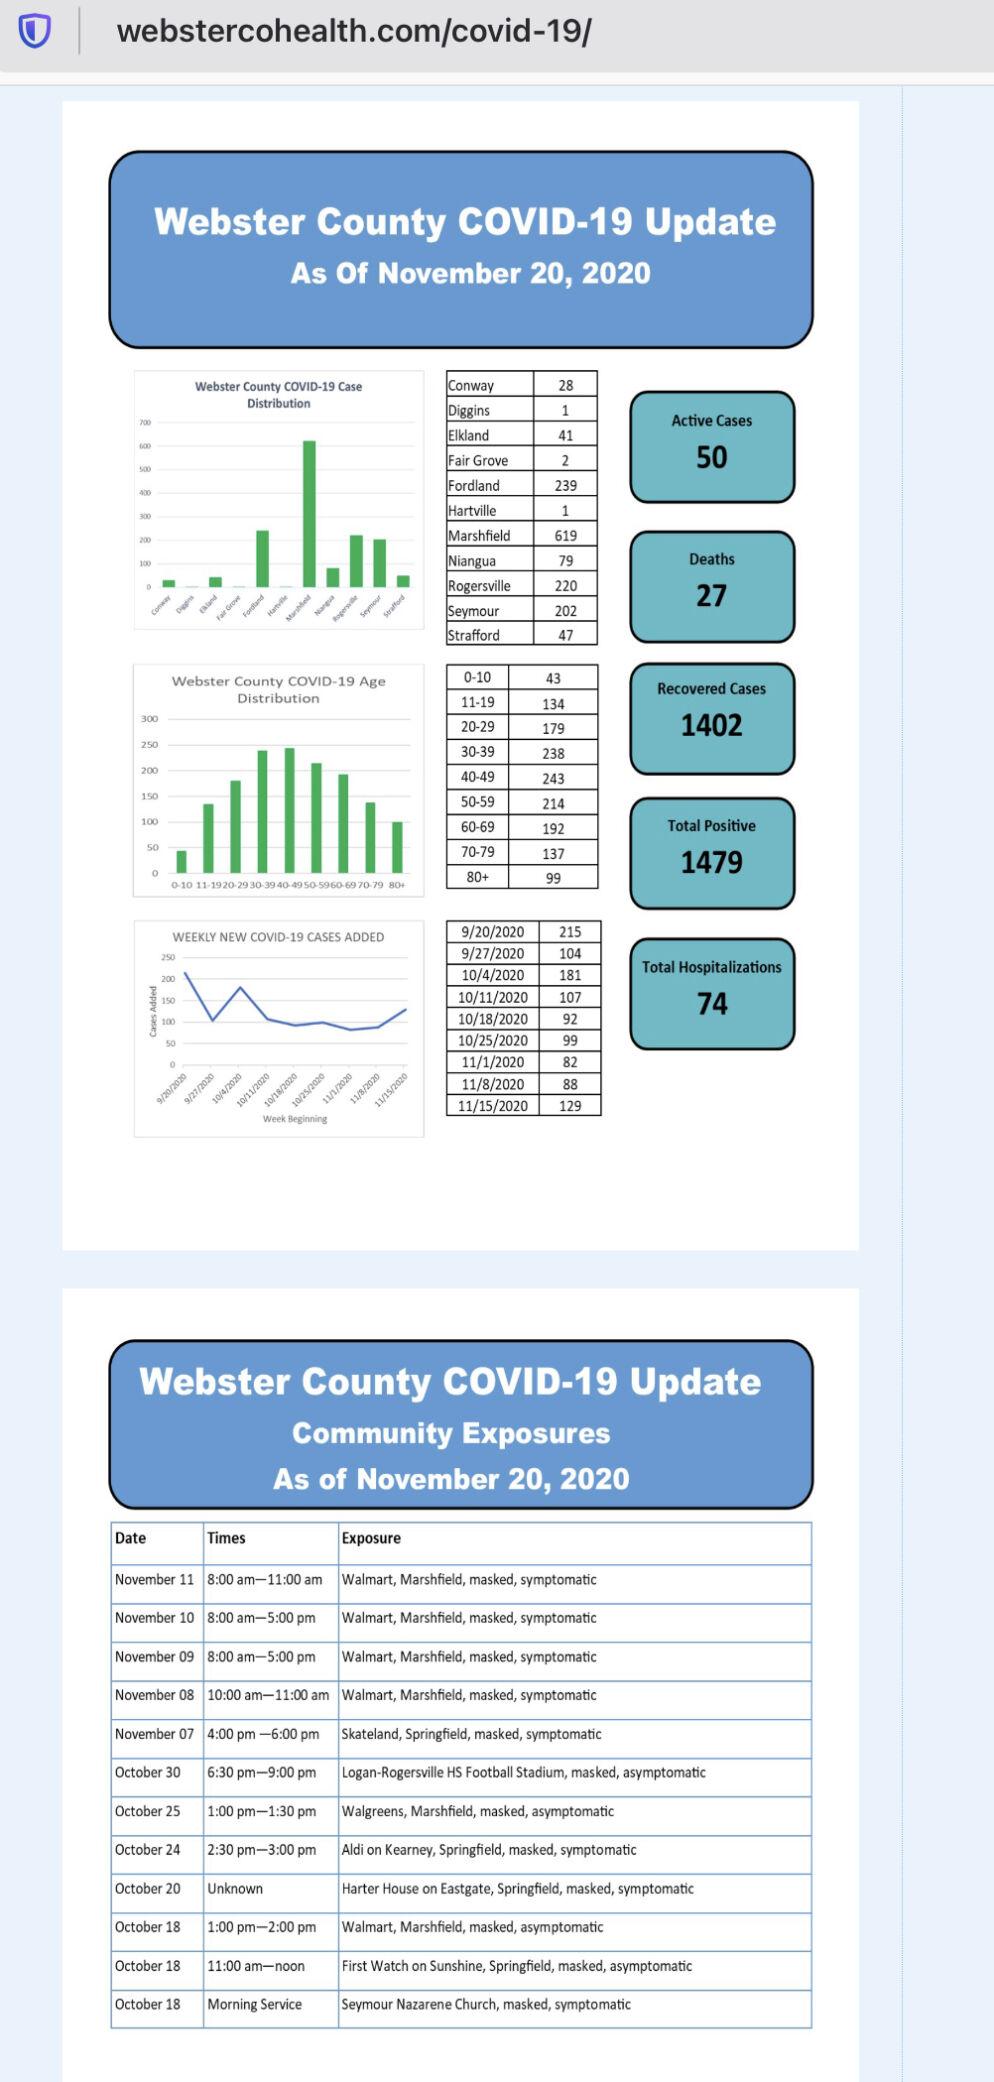 - COVID-19 cases Nov. 20 Web. Co.